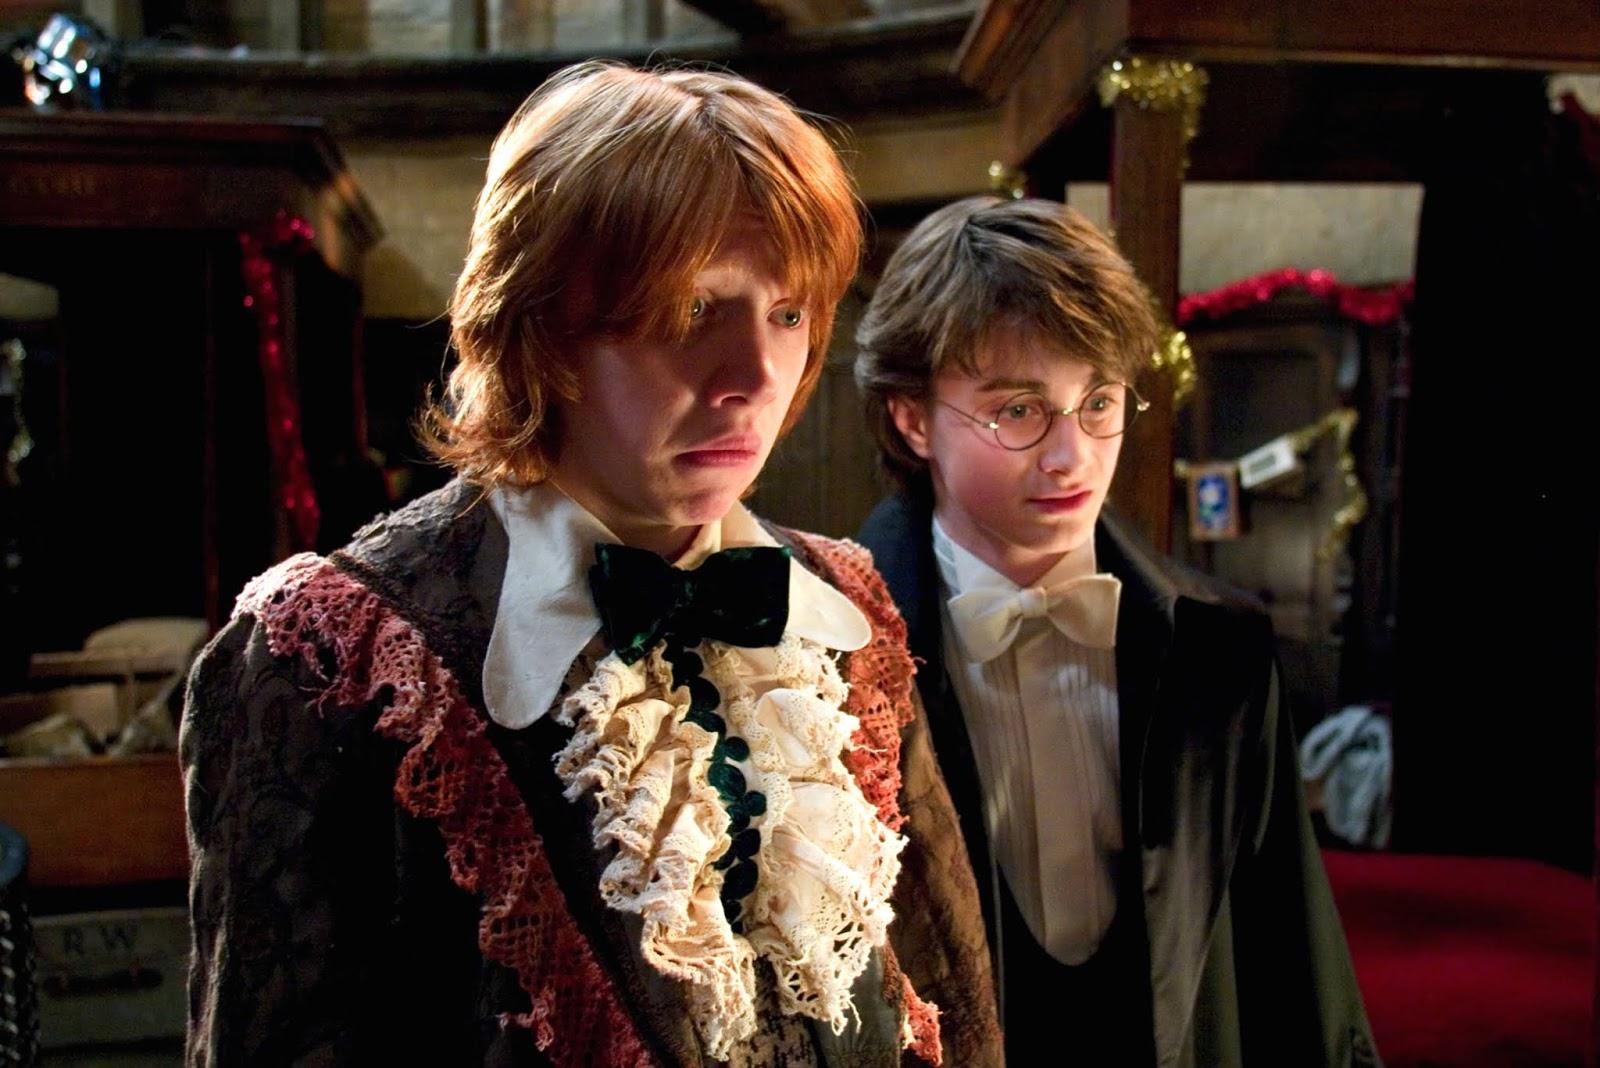 Fatos curiosos que você talvez não saiba sobre Rony Weasley